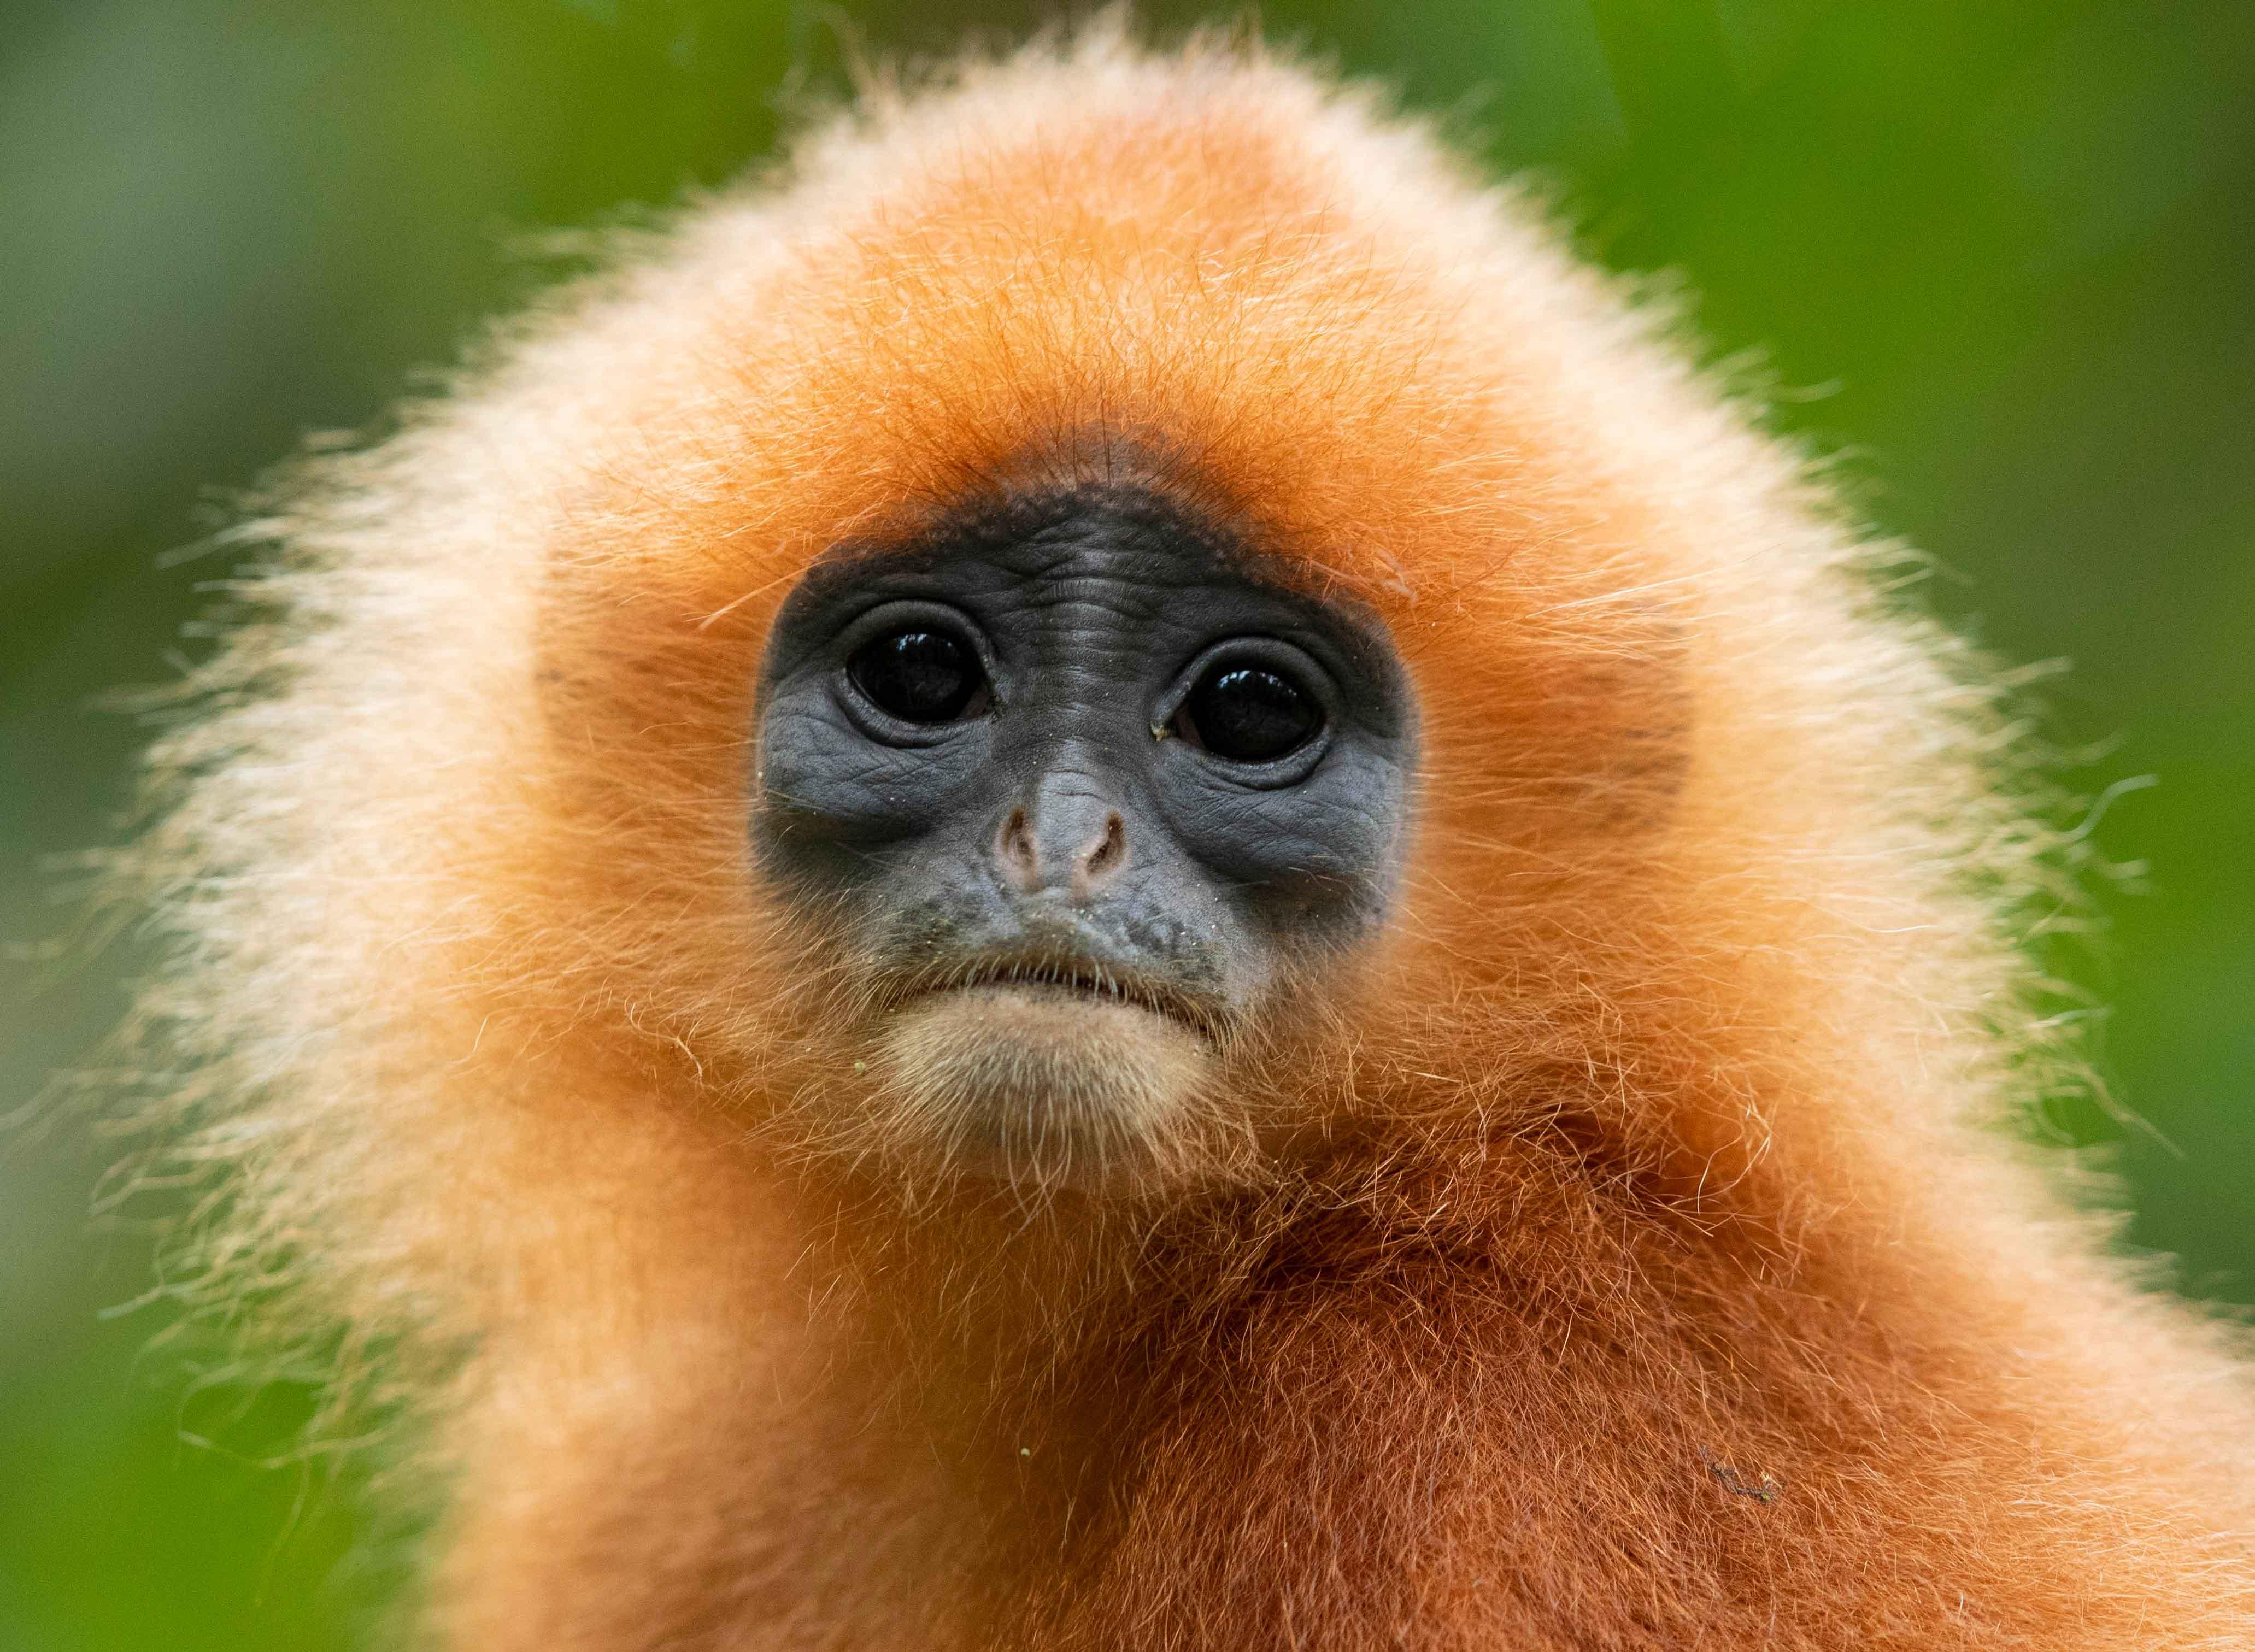 red leaf monkey portrait